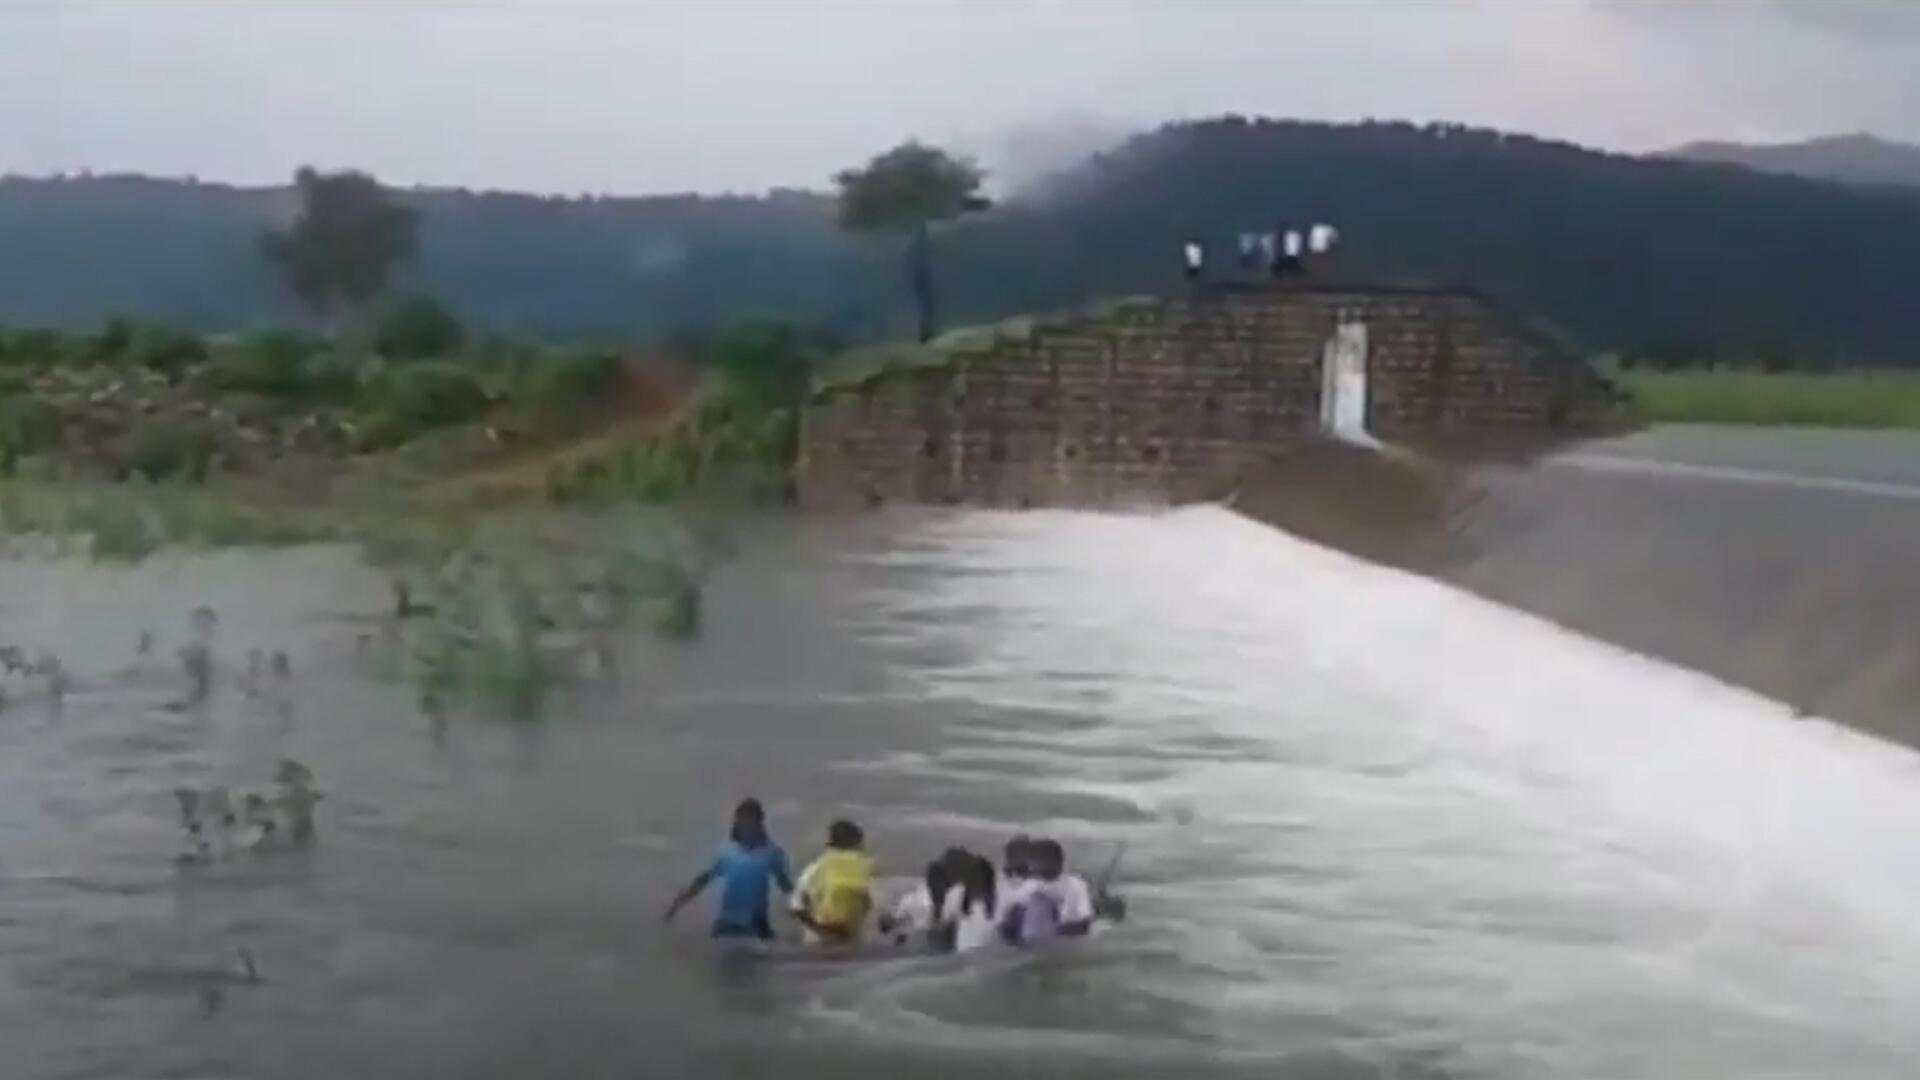 Bild zu Lebensgefährlicher Schulweg: Indische Schülerinnen waten durch reissenden Fluss